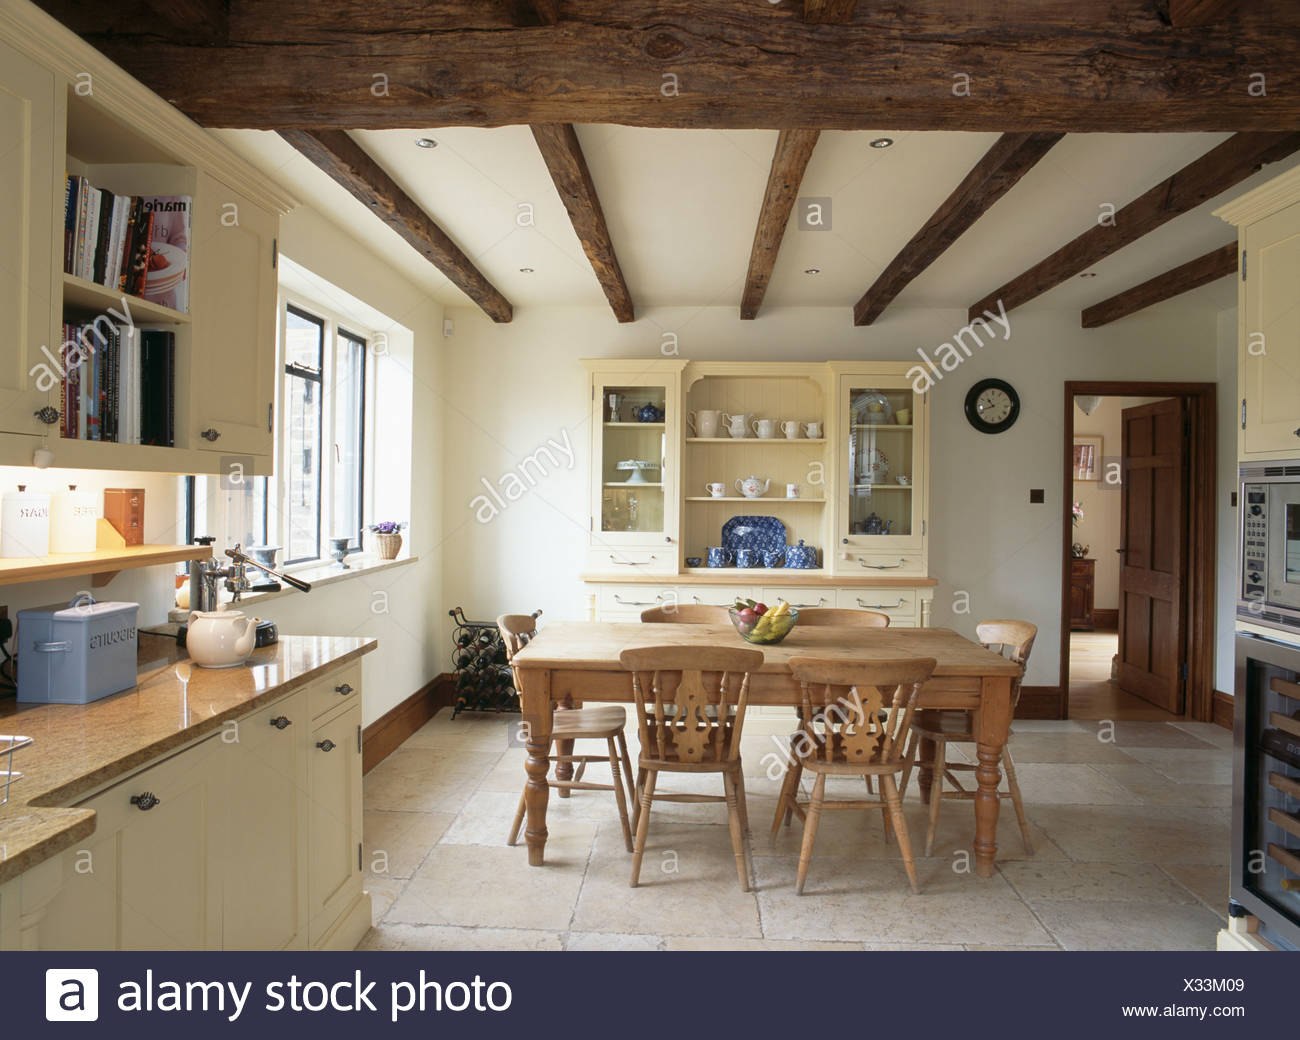 Großartig Landküche Esszimmer Sets Fotos - Ideen Für Die Küche ...